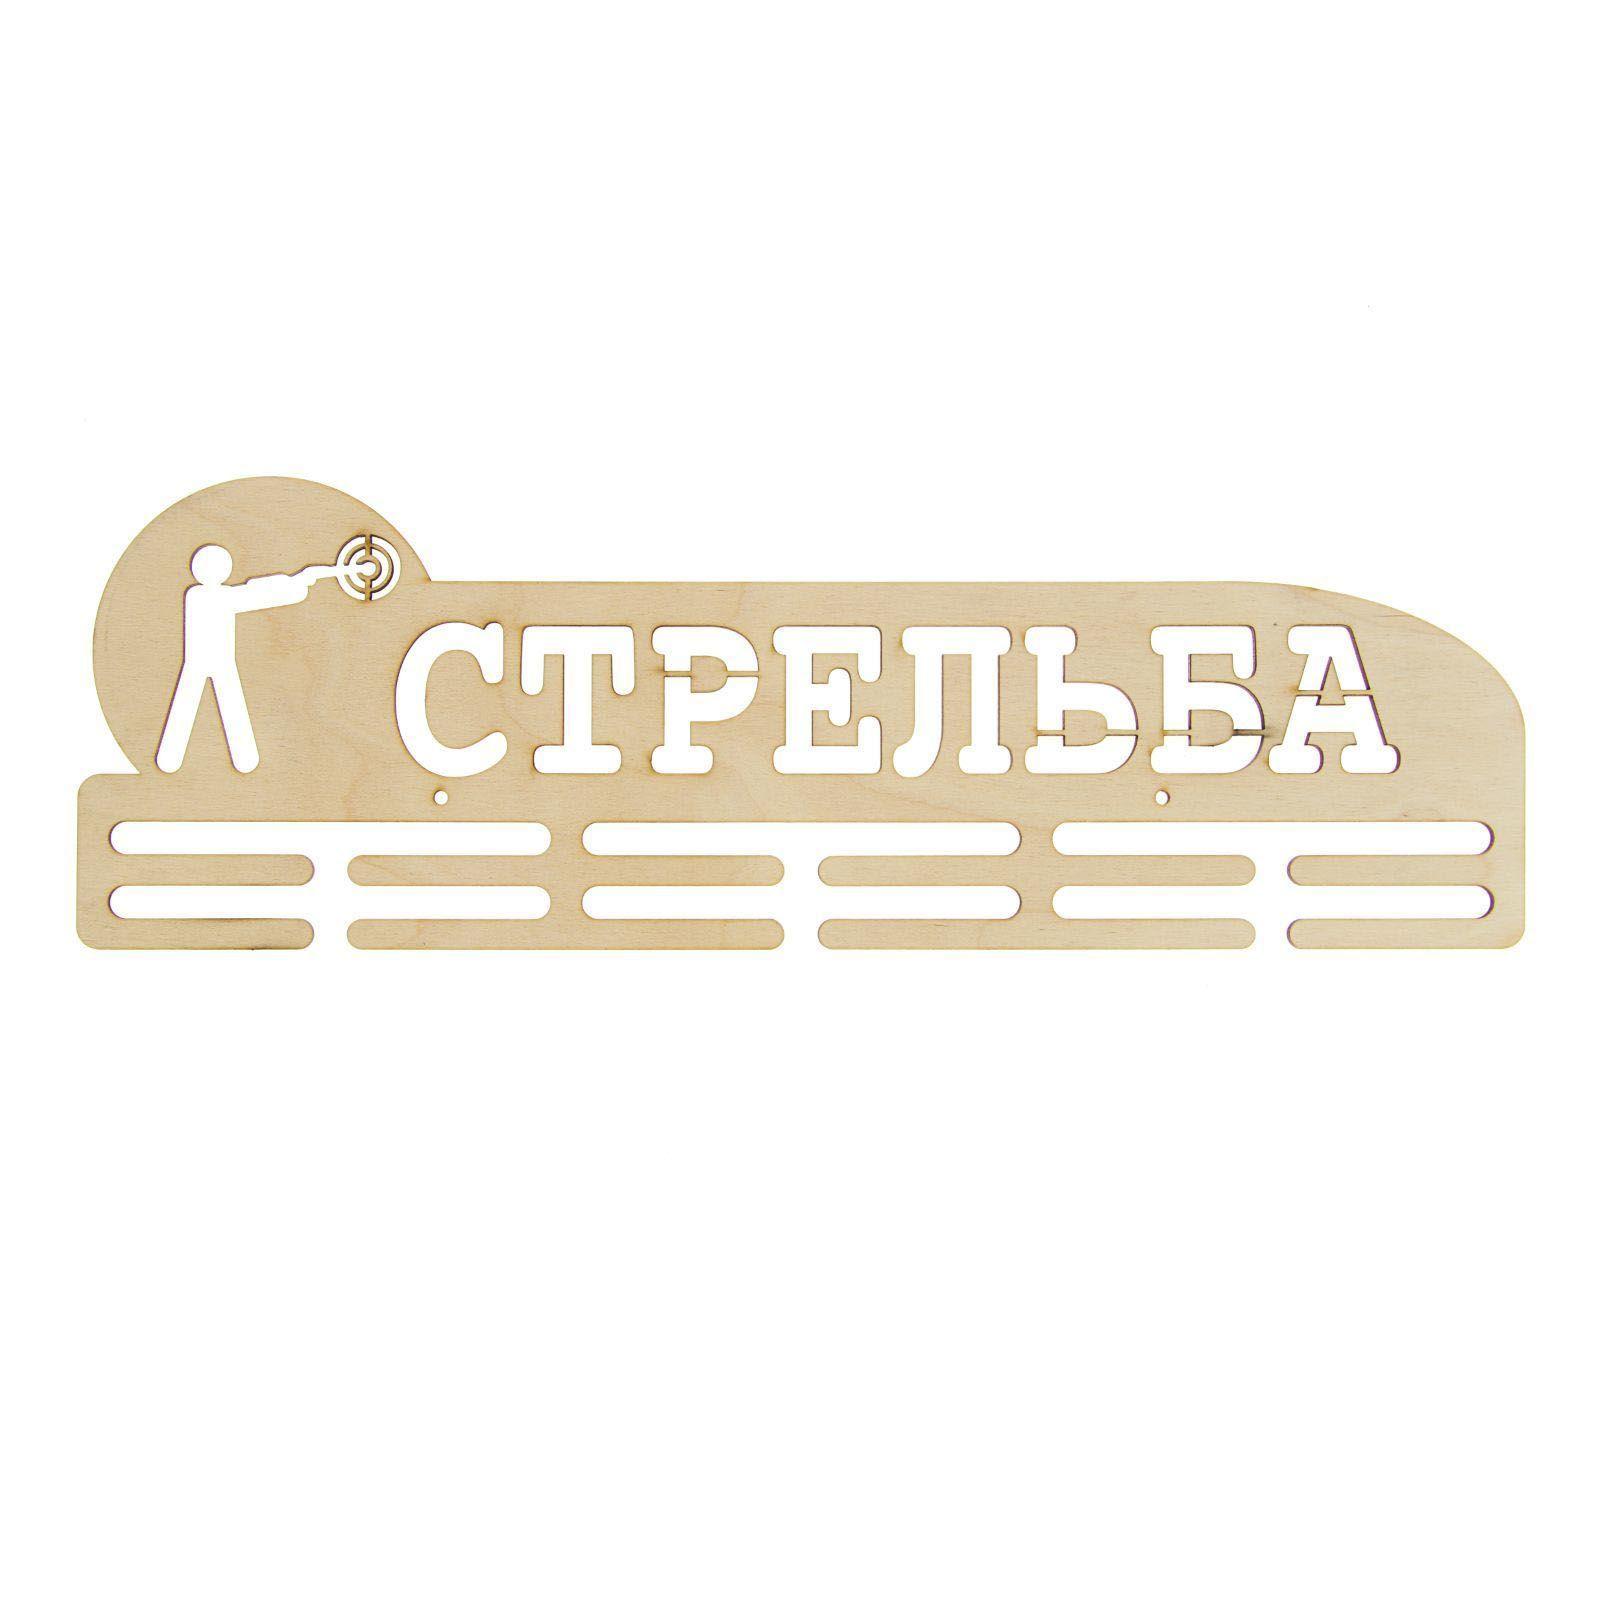 """Заготовка """"Медальница"""" - Стрельба купить за 39 рублей - Podarki-Market"""